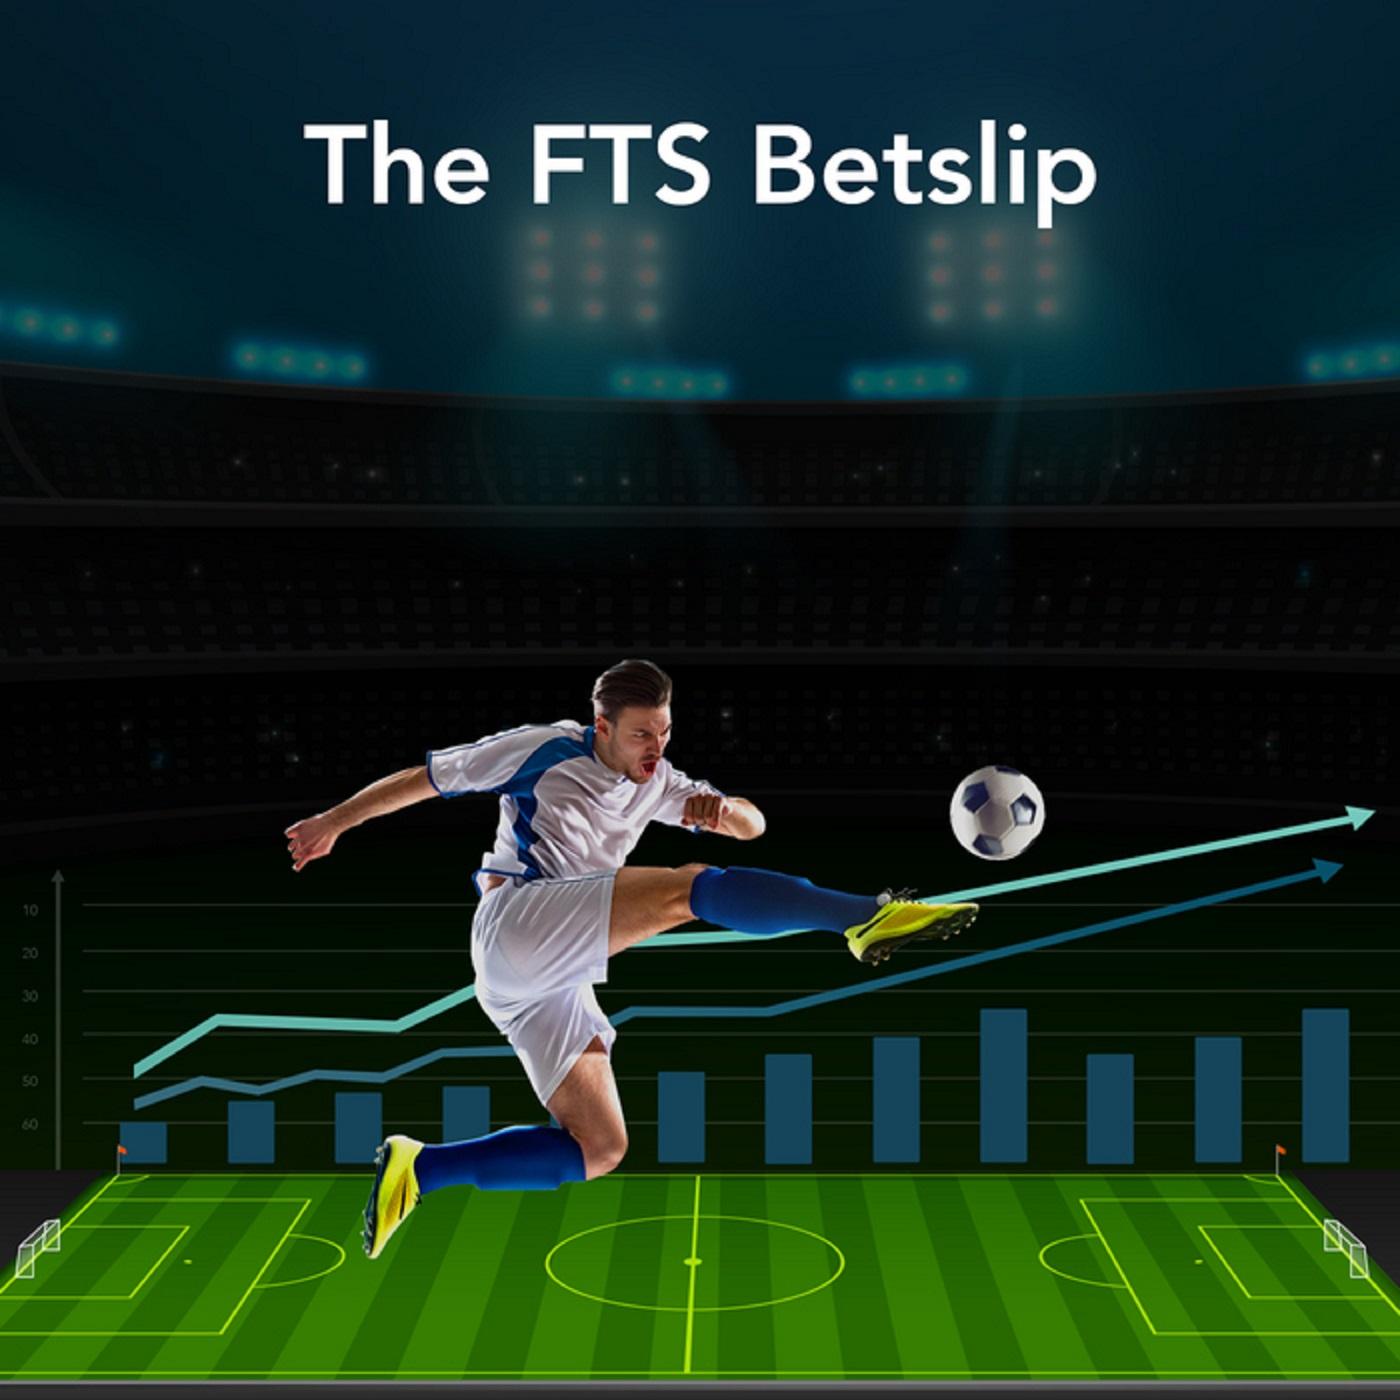 FTS Betslip